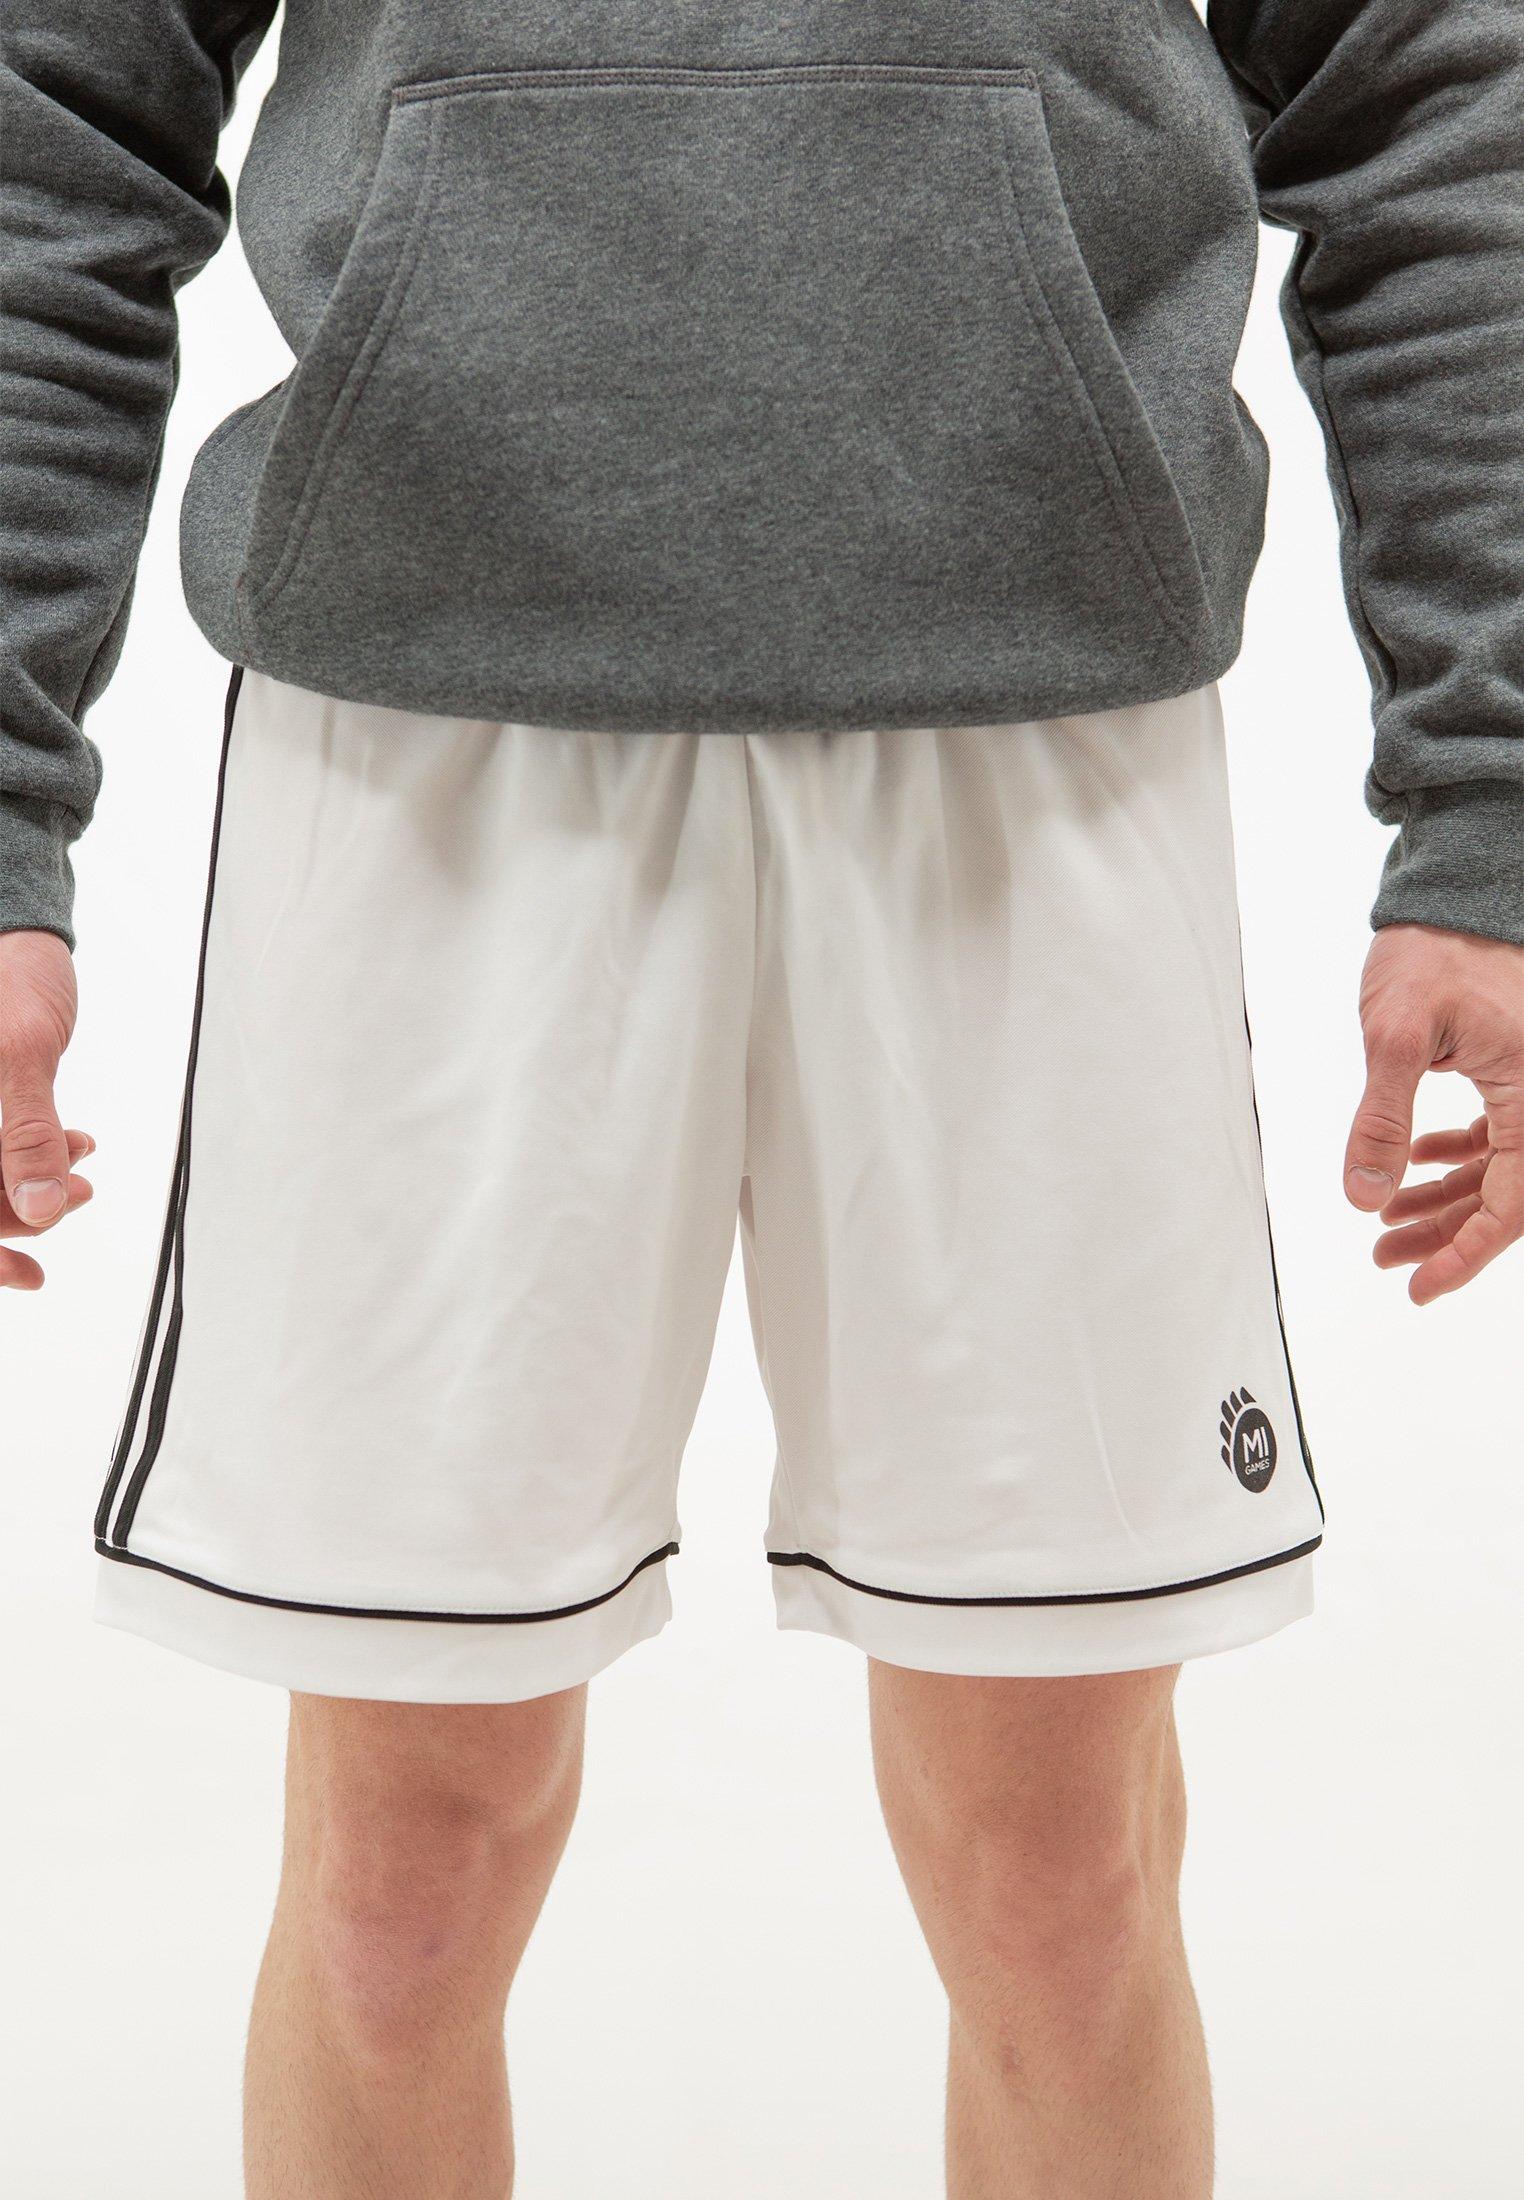 molto carino 6692c ba70c pantaloncini adidas strisce verticali | Benvenuto per comprare ...